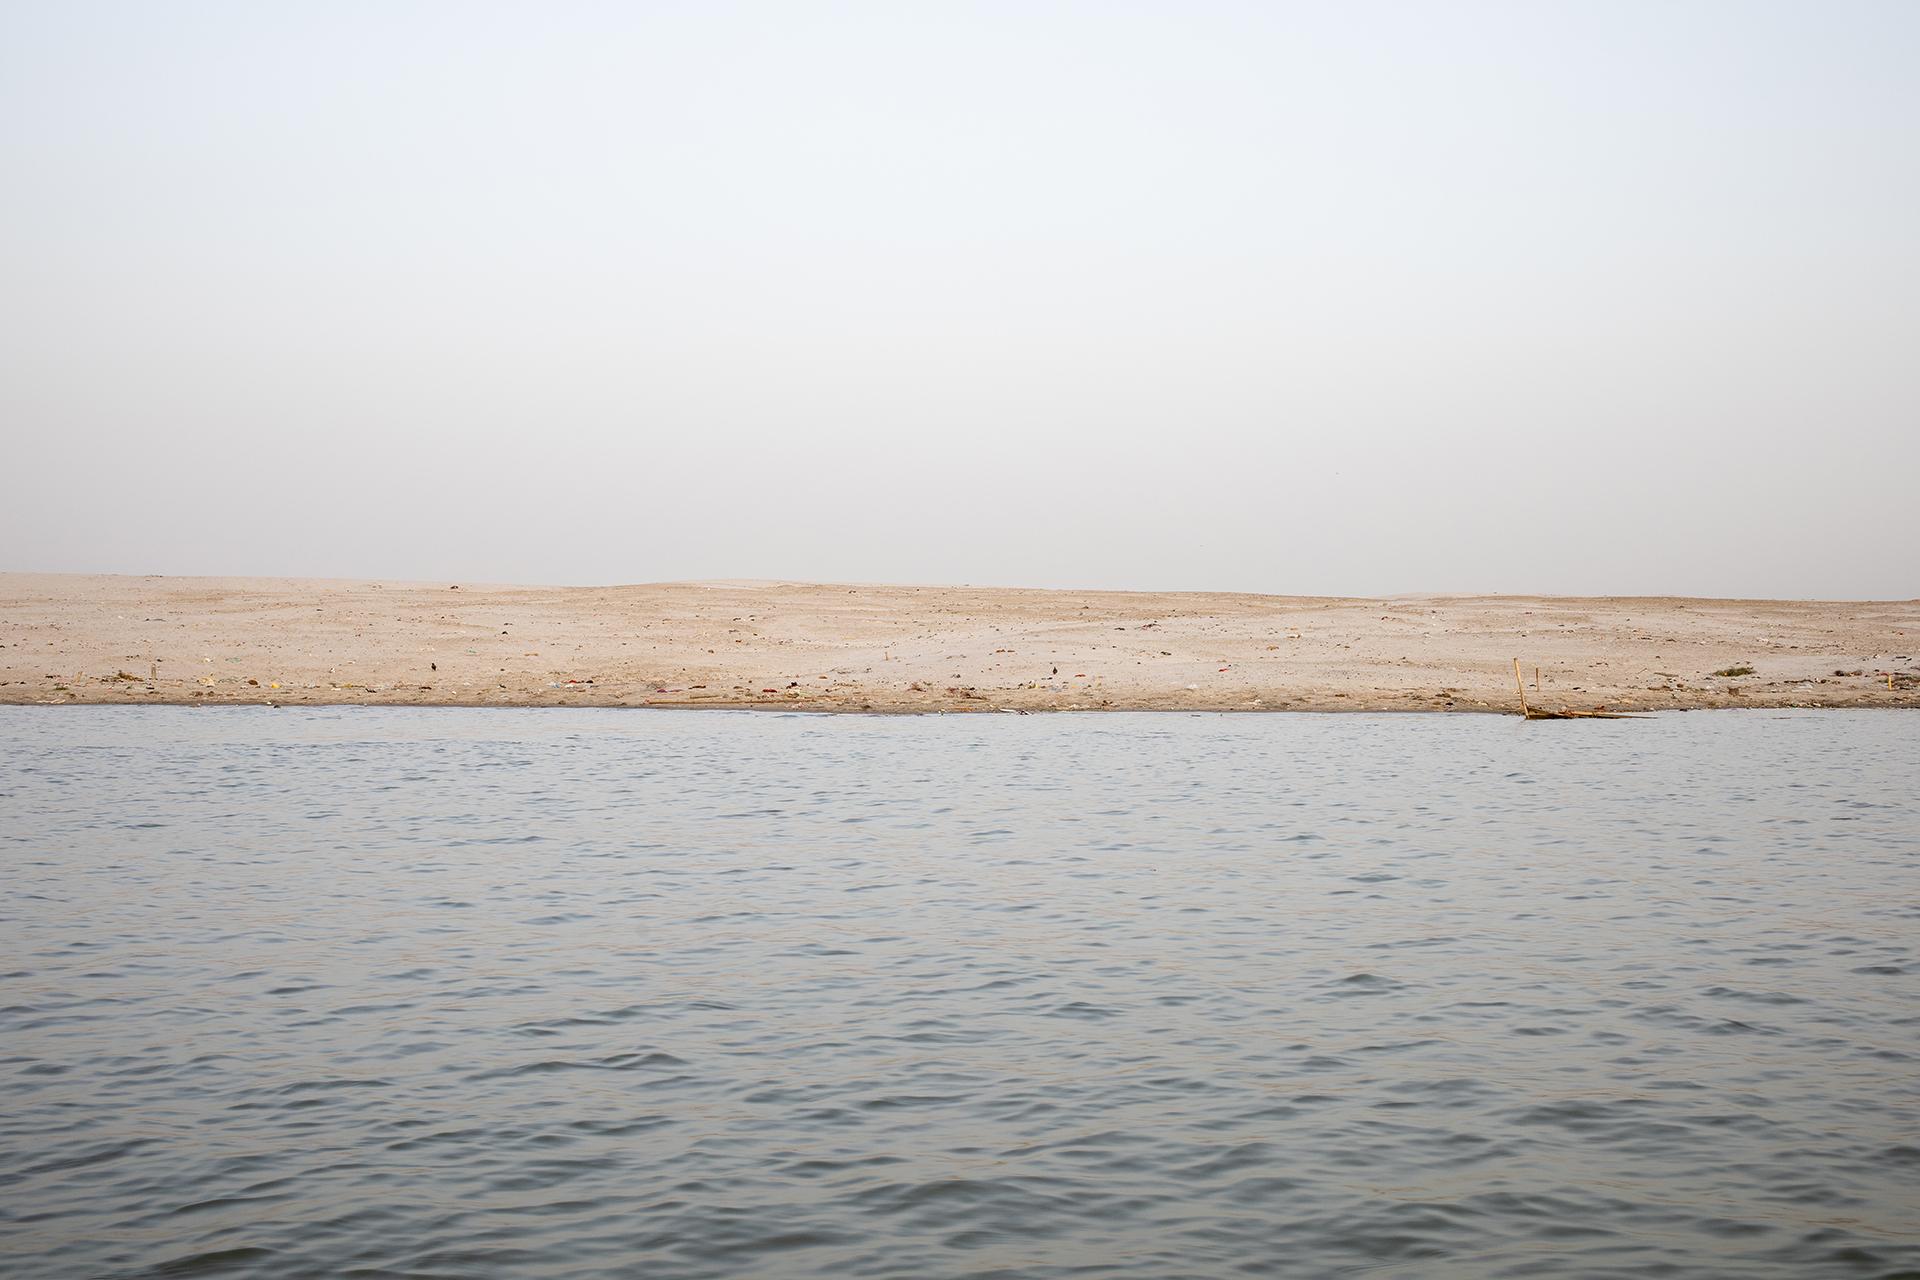 Margem do rio Ganges, em Varanasi. O Ganges, assim como a cidade de Varanasi, é um lugar de extrema importância religiosa para os hindus